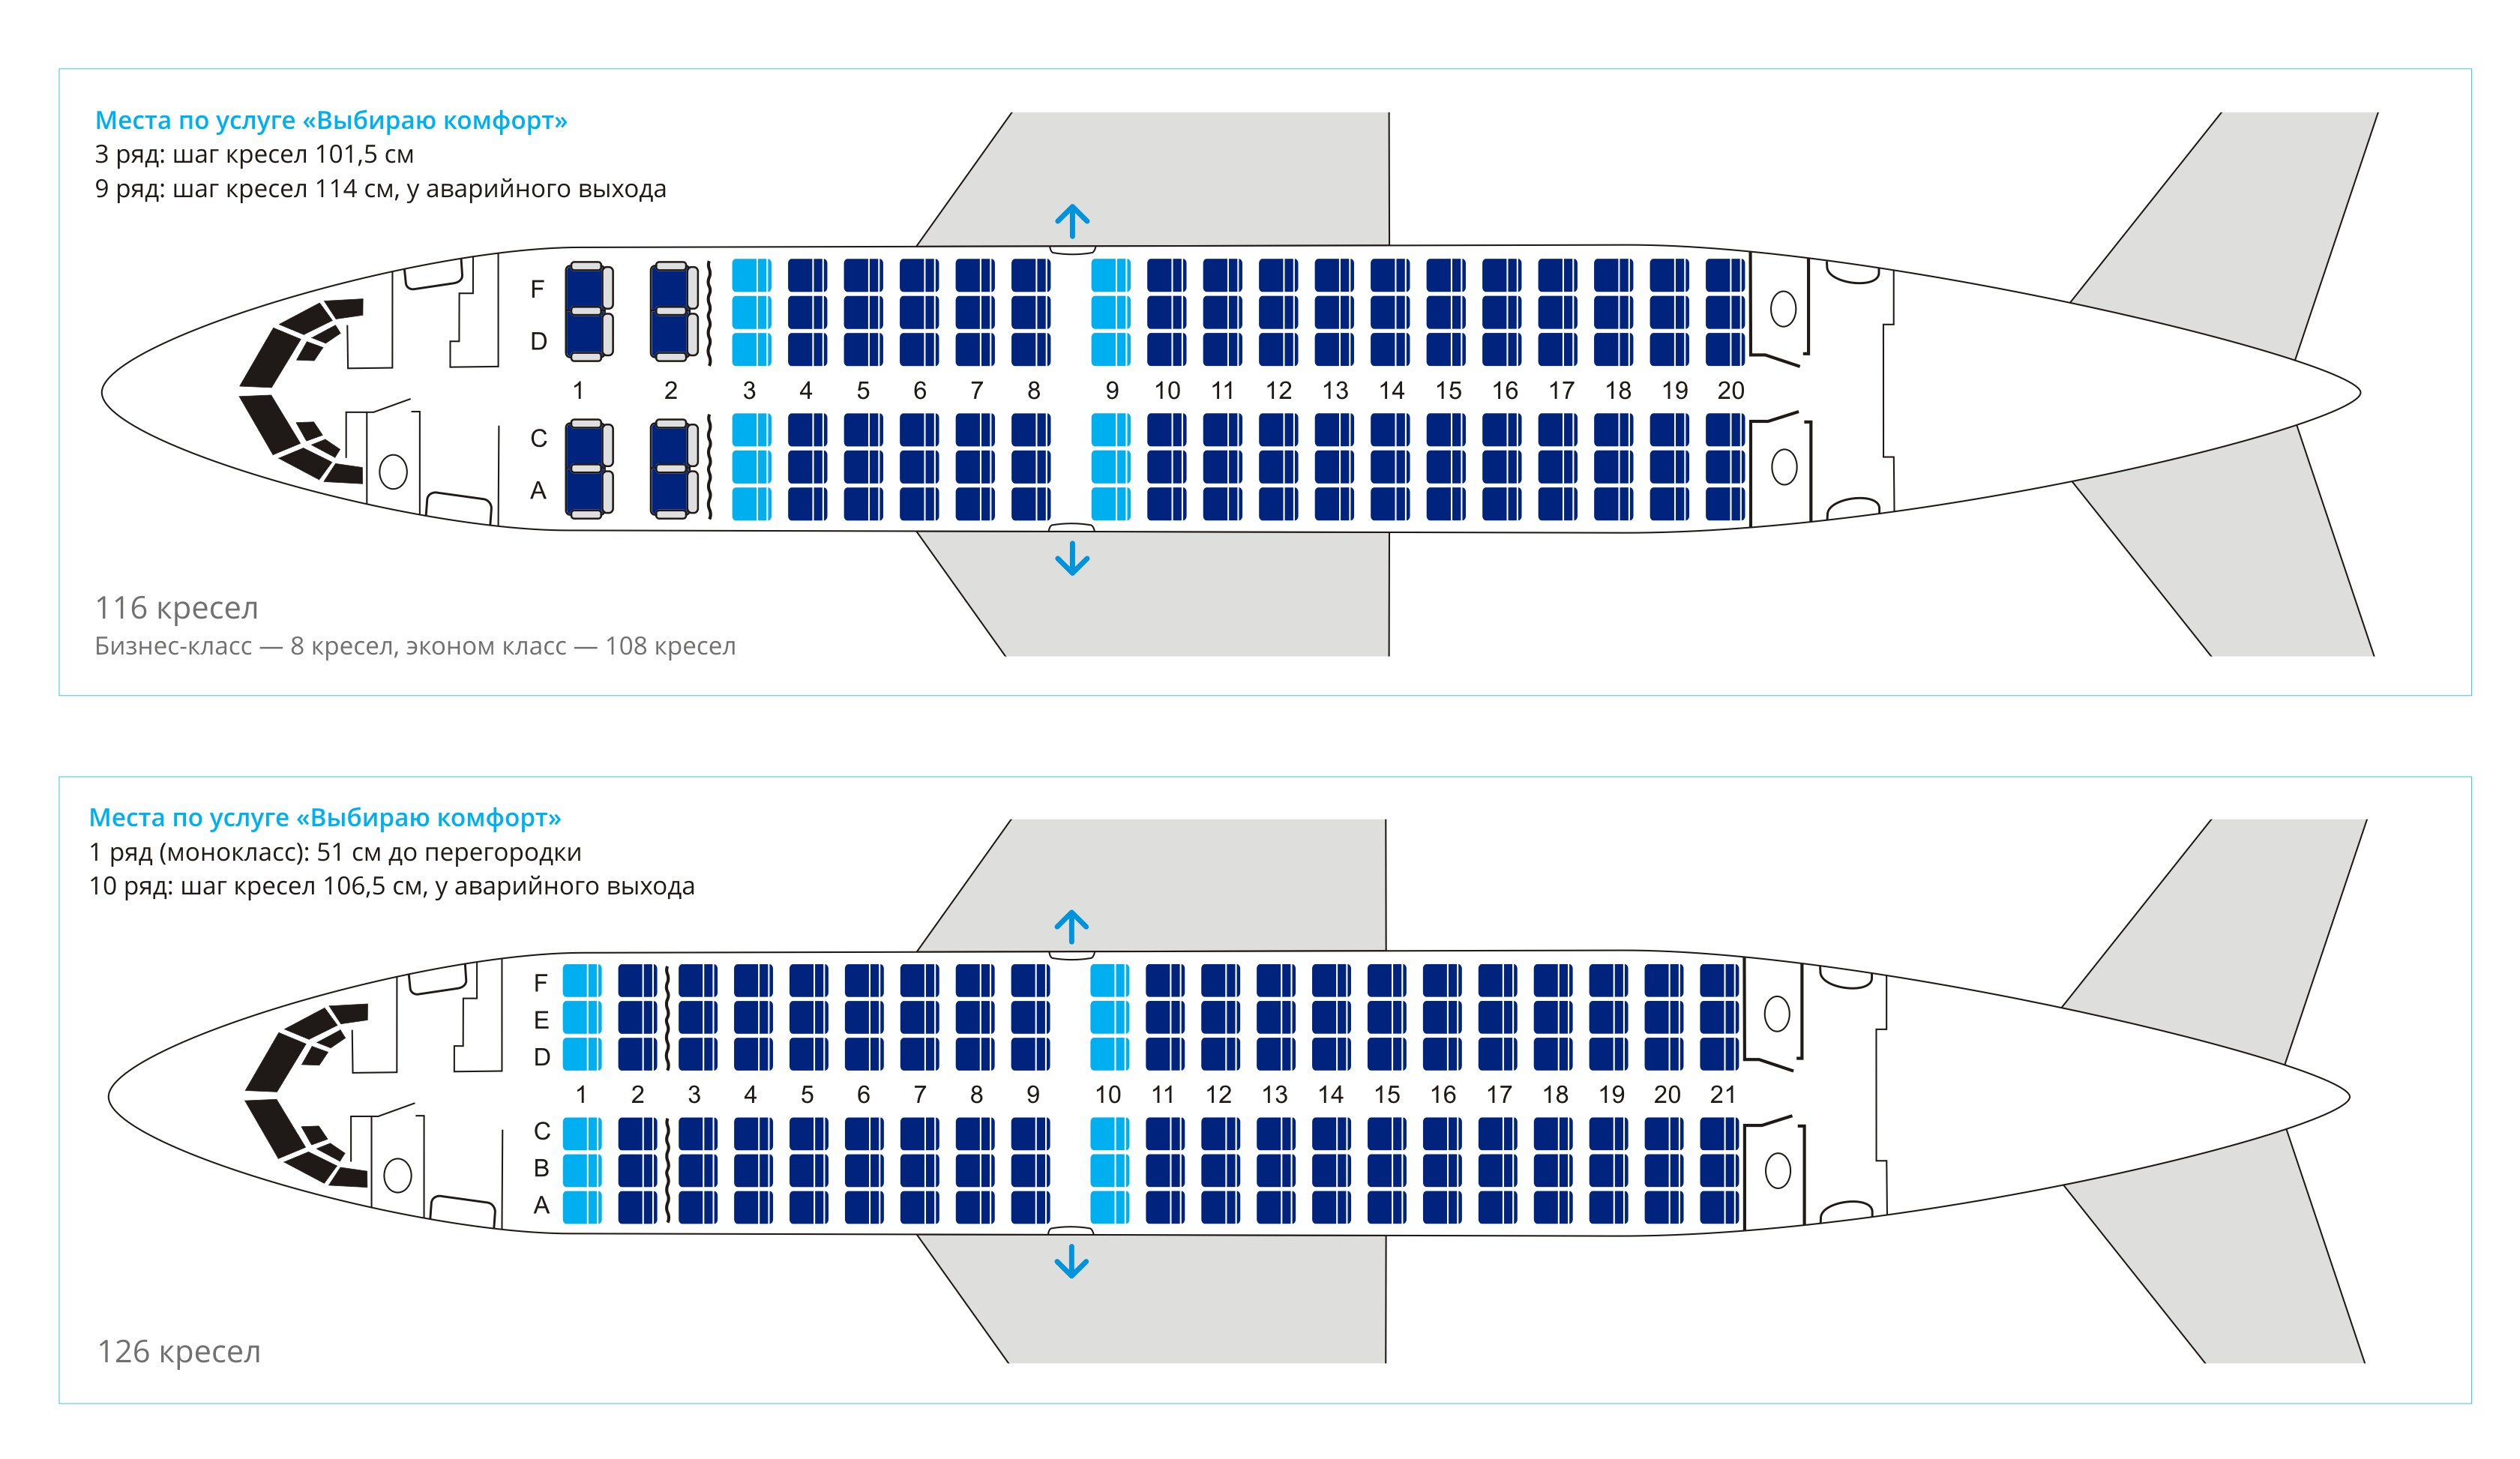 Боинг 737 нордавиа схема салона фото 943